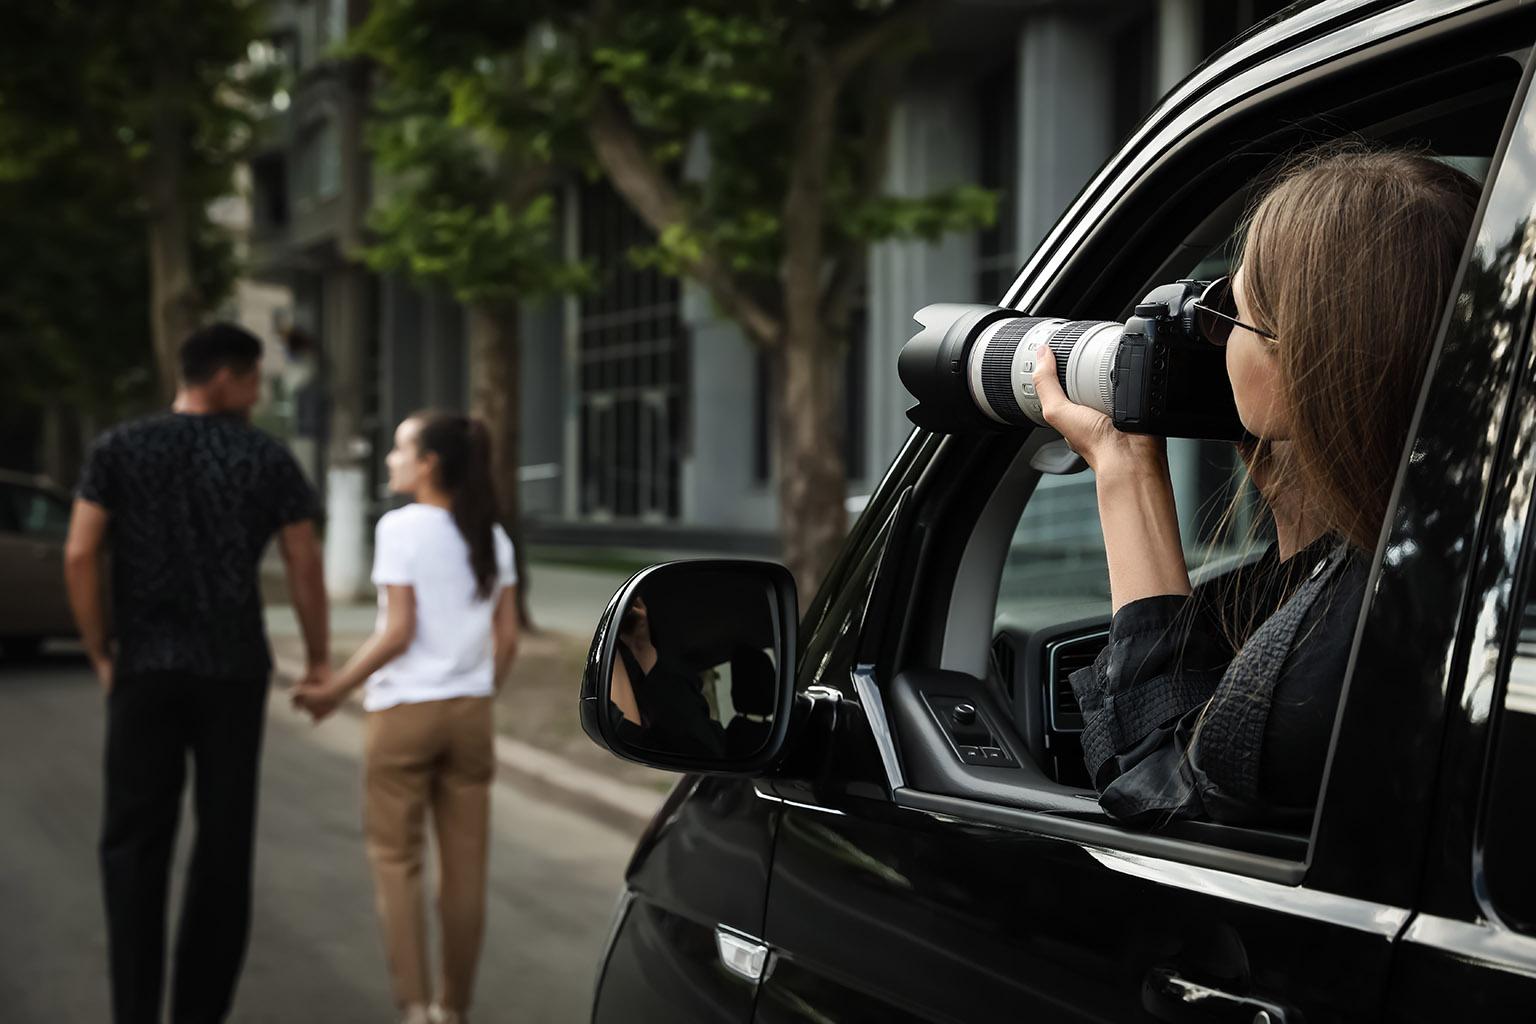 Paparazzi siguiendo a una pareja en su coche, esperando el gran momento para fotografiar en secreto, una de las pedidas de matrimonio más bonitas en la ciudad.